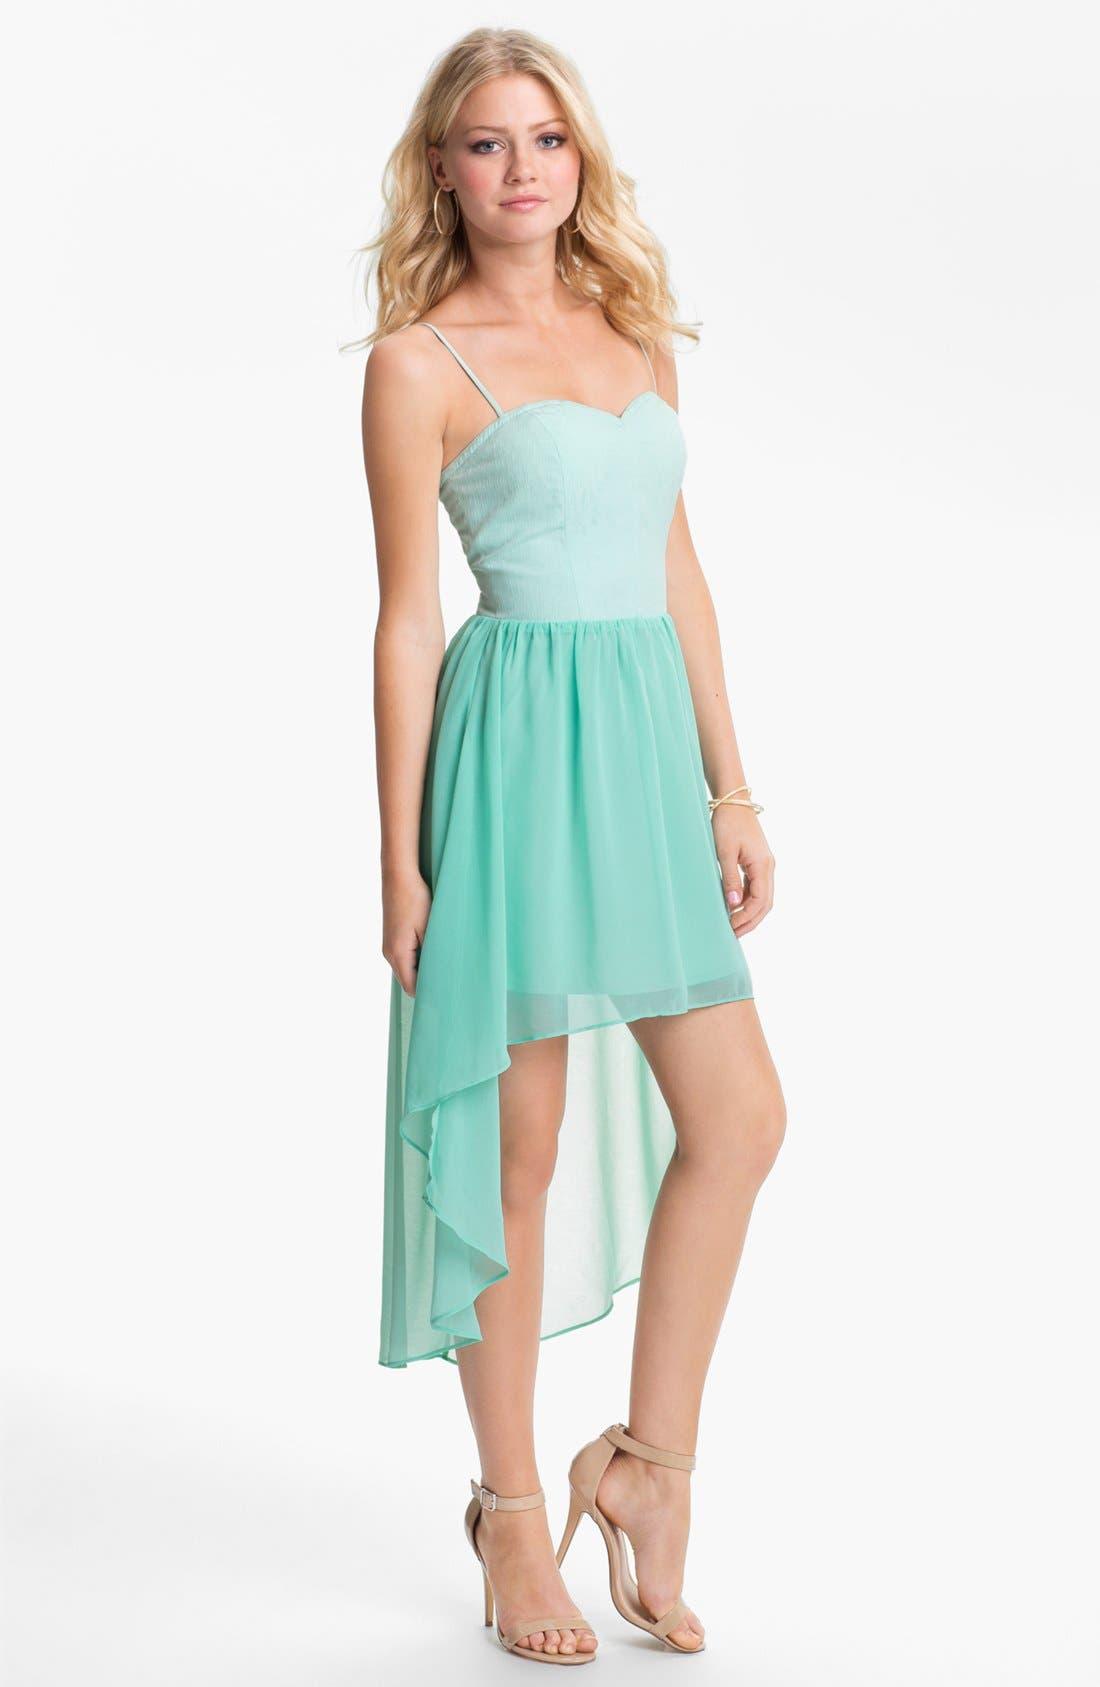 Alternate Image 1 Selected - En Crème High/Low Bustier Dress (Juniors)